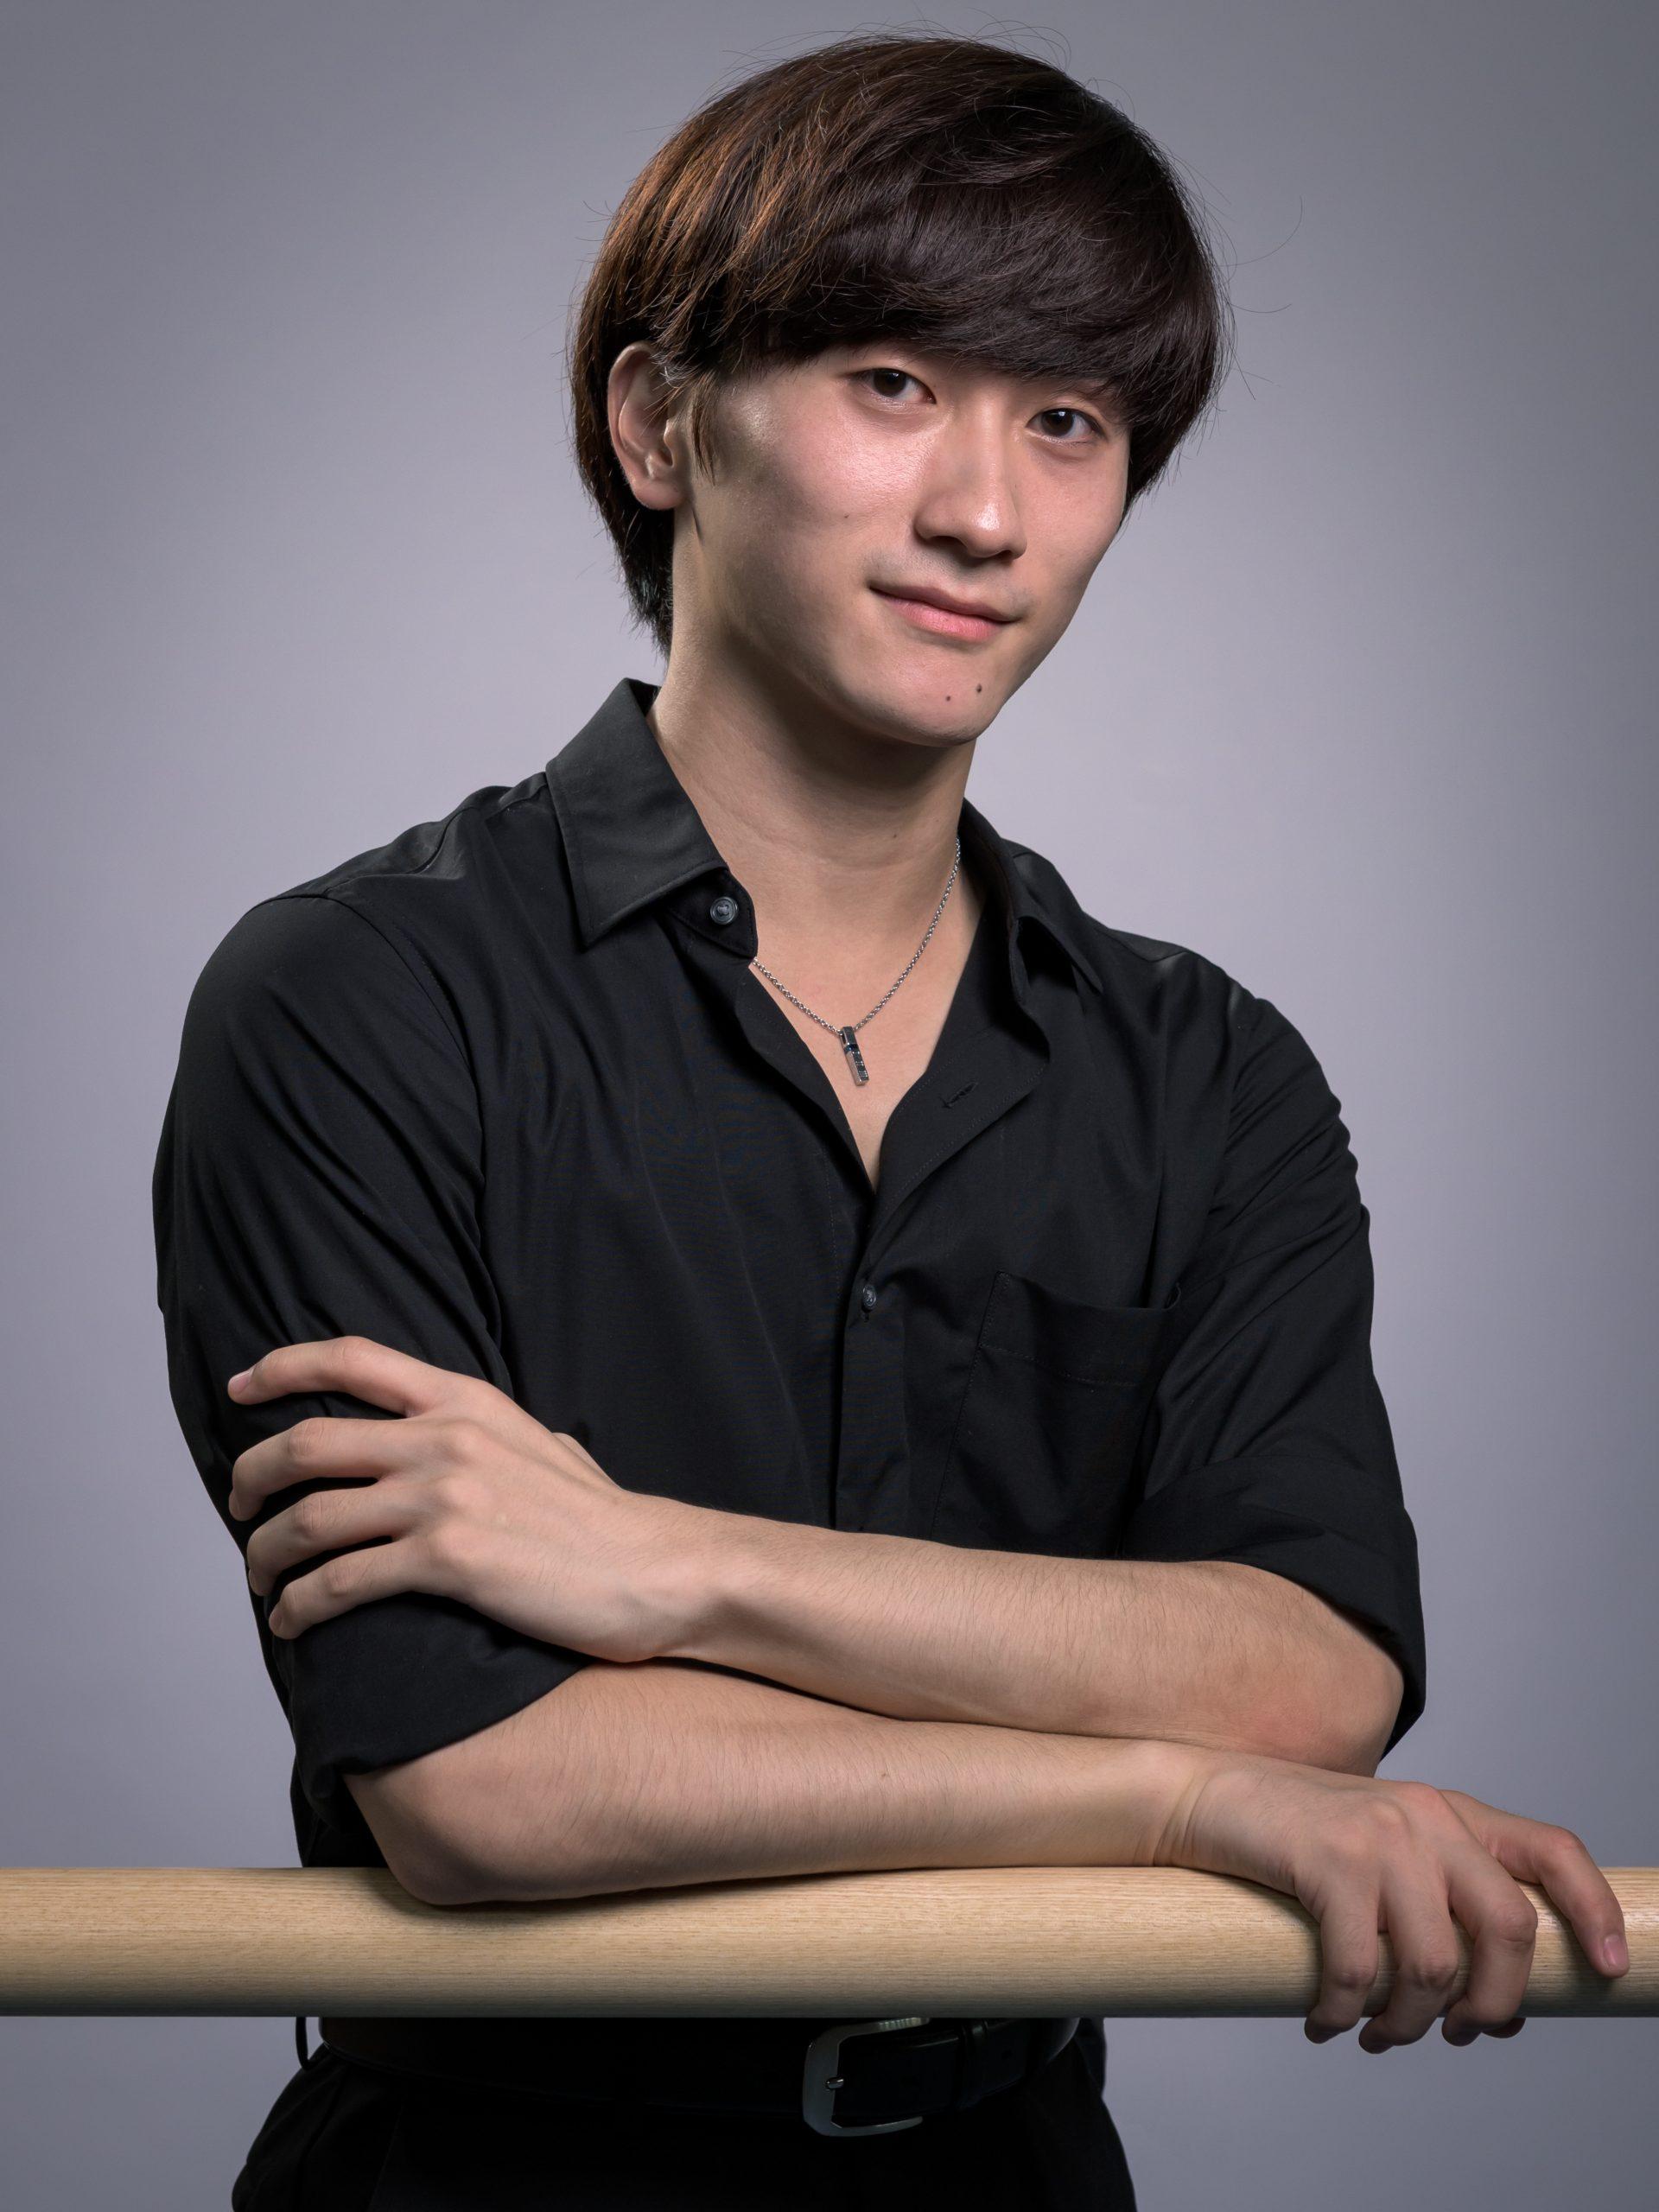 Shoma Ogasawara